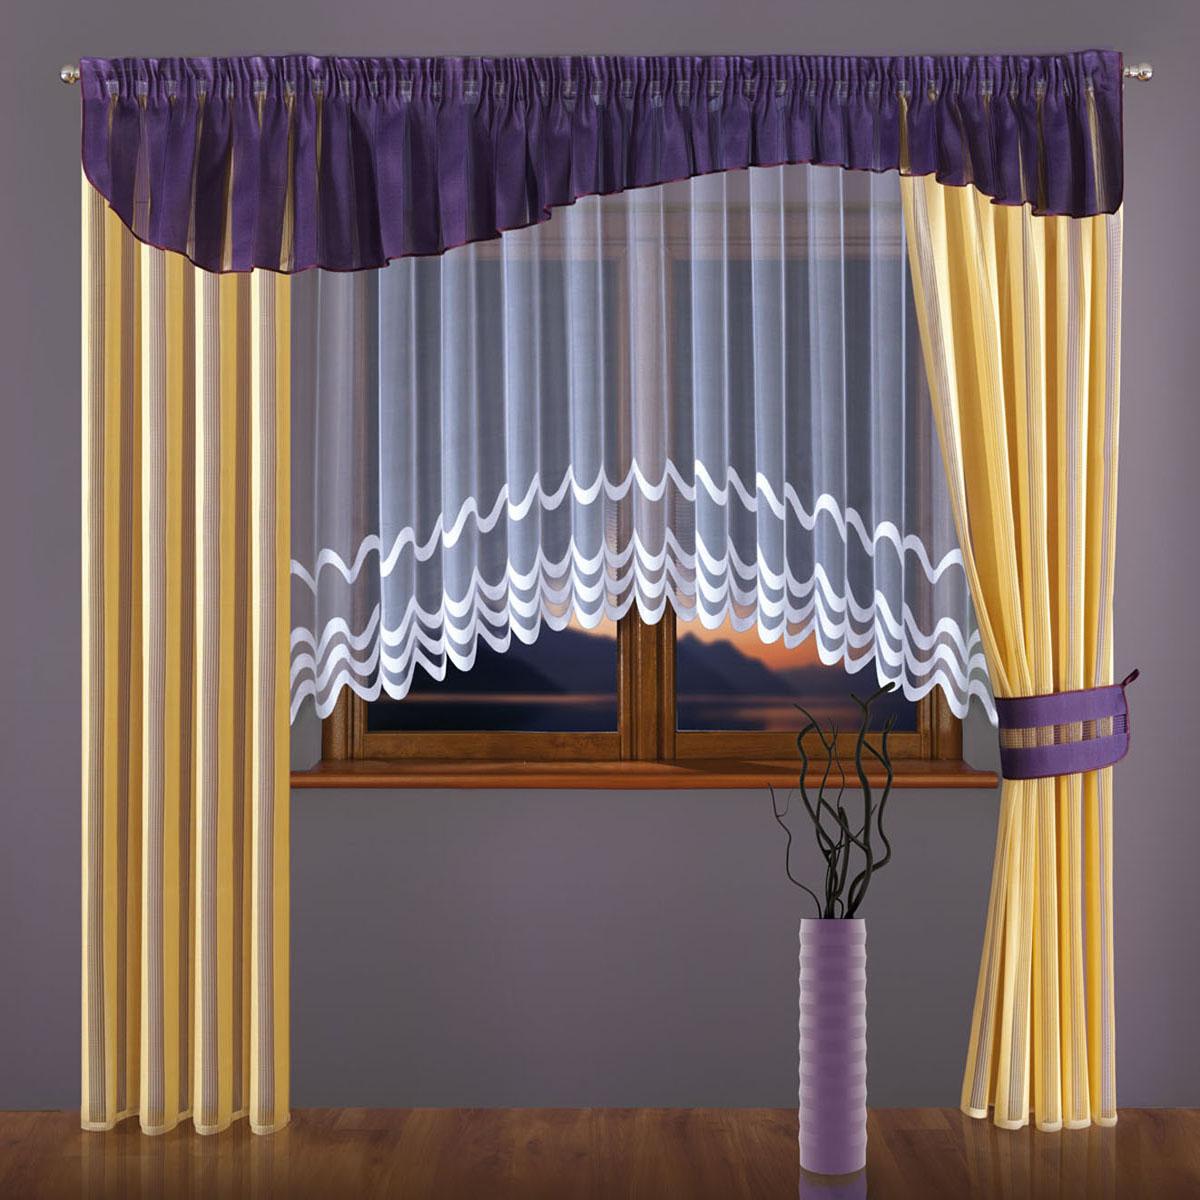 Комплект штор Wisan, цвет: фиолетовый, кремовый, высота 240 см. 093W46990/250 сиреньсетчатые портьеры, полупрозрачные, крепление - шторная лентаРазмеры: тюль ширина 400* выс.160, шторы (ширина 150* выс.240)*2, ламбрекен 400*50